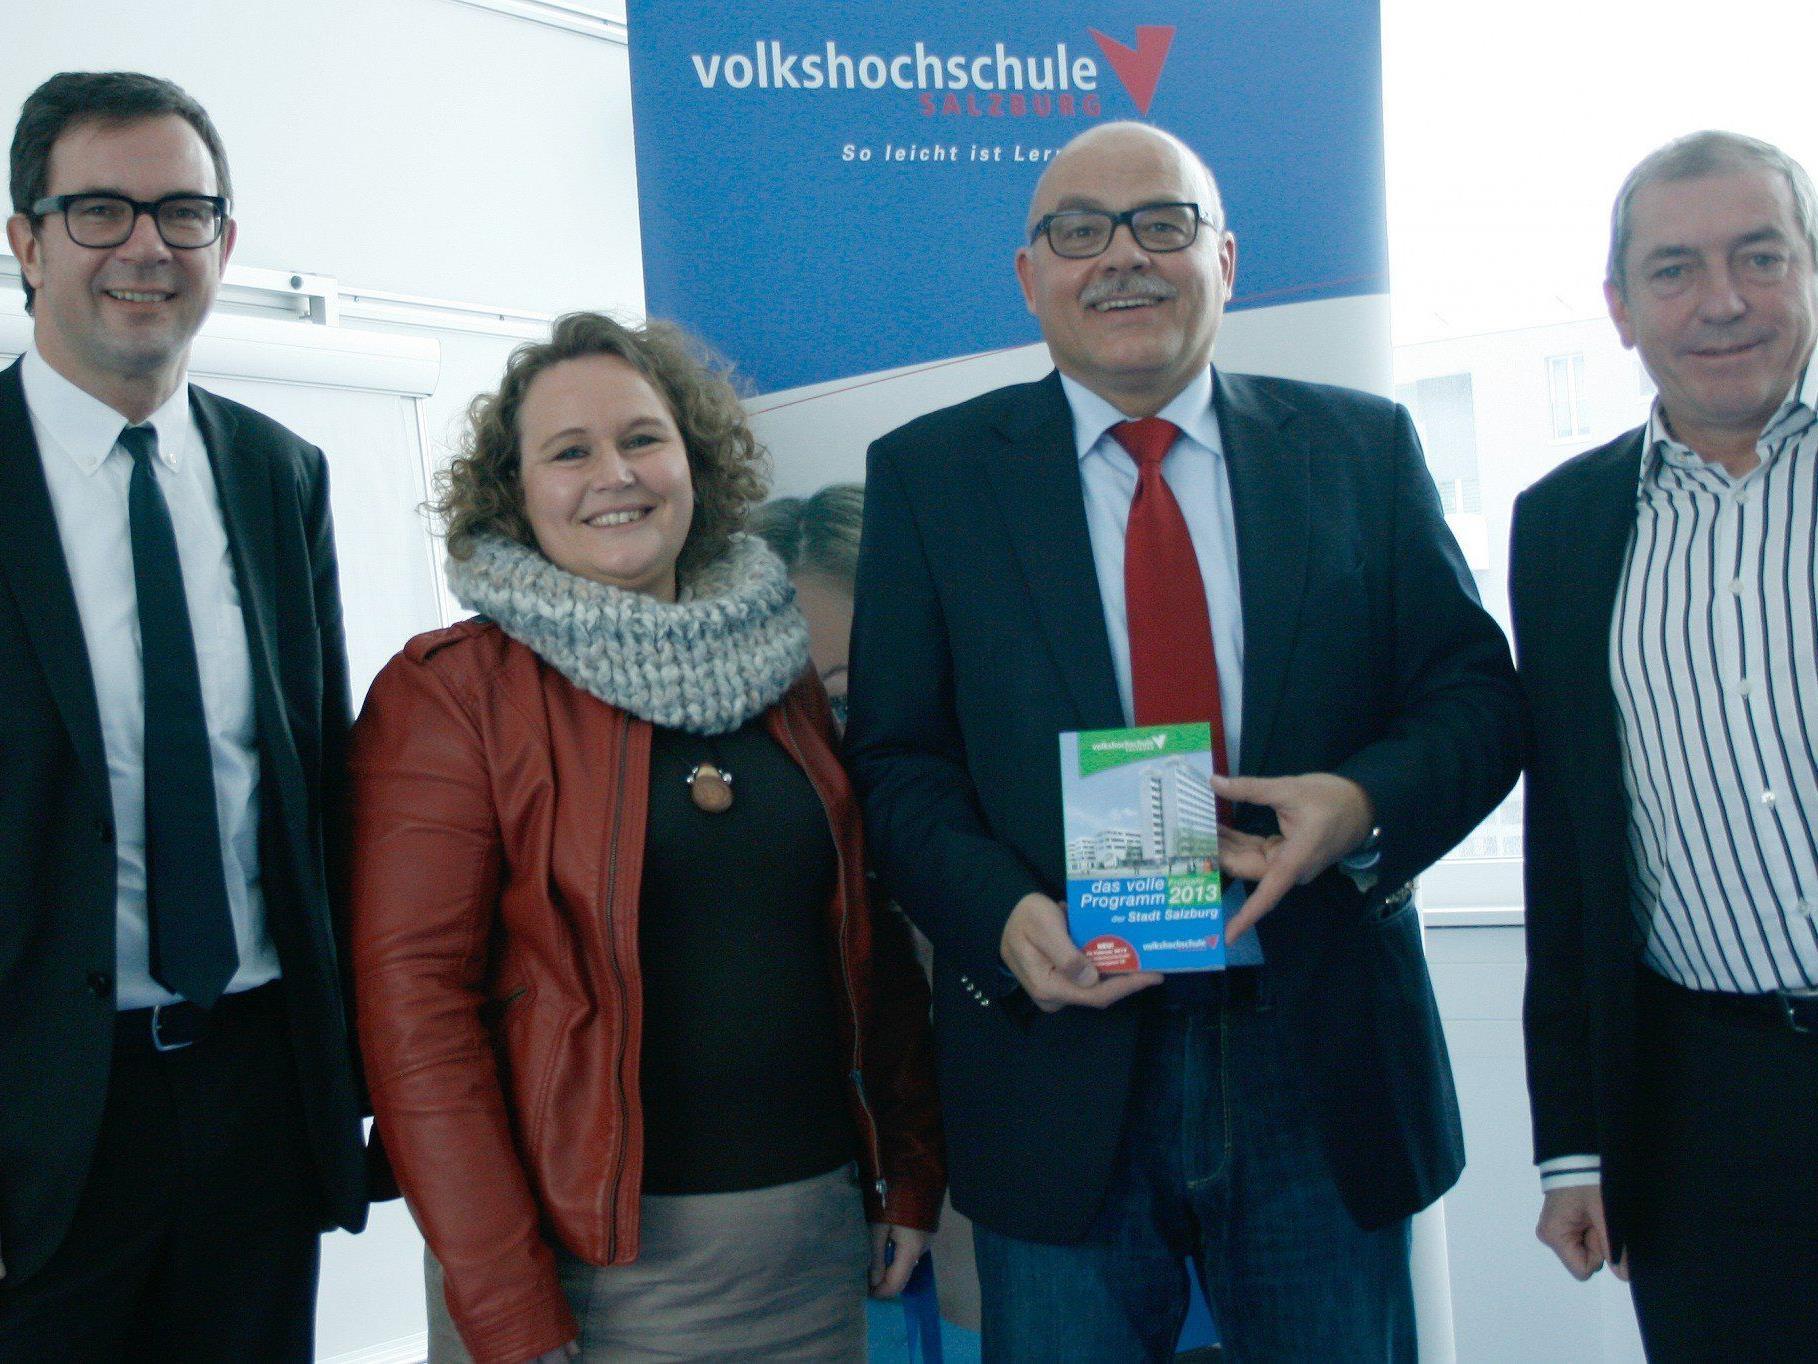 PRISMA-Chef Bernhard Ölz, VHS-Pädagogin Nicole Slupetzky, VHS-Direktor Günter Kotrba, Bürgermeister Heinz Schaden.